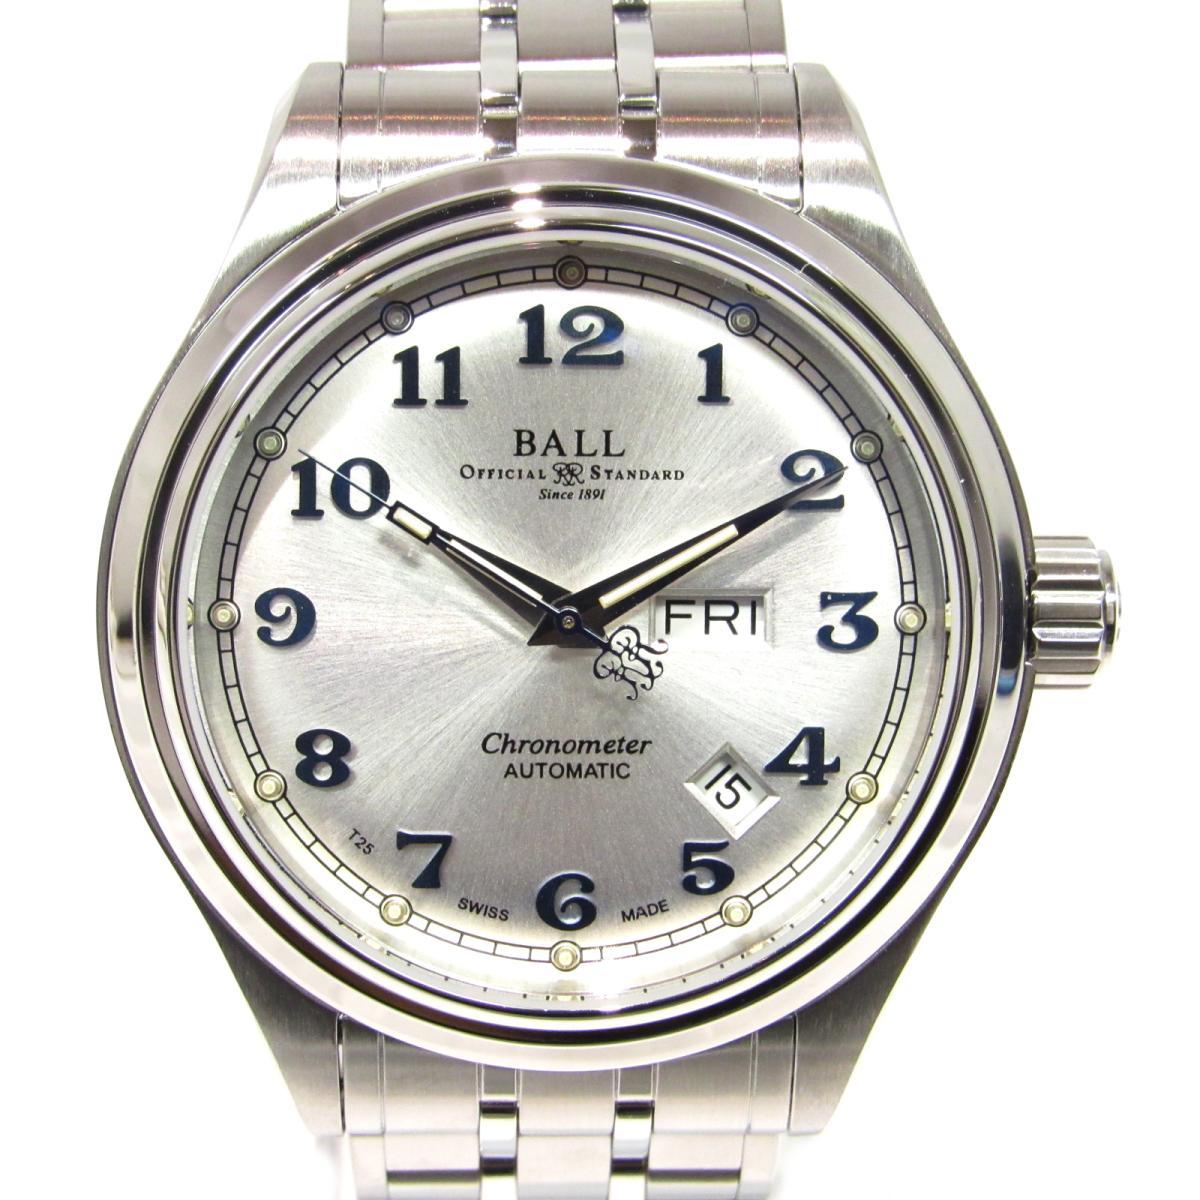 【中古】 ボール トレインマイスター 腕時計 ウォッチ メンズ ステンレススチール (SS) シルバー (NM1058D-SCJ-SL) | SELECTION オートマチック 自動巻き 時計 BALLwatch トレインマイスター 美品 ブランドオフ